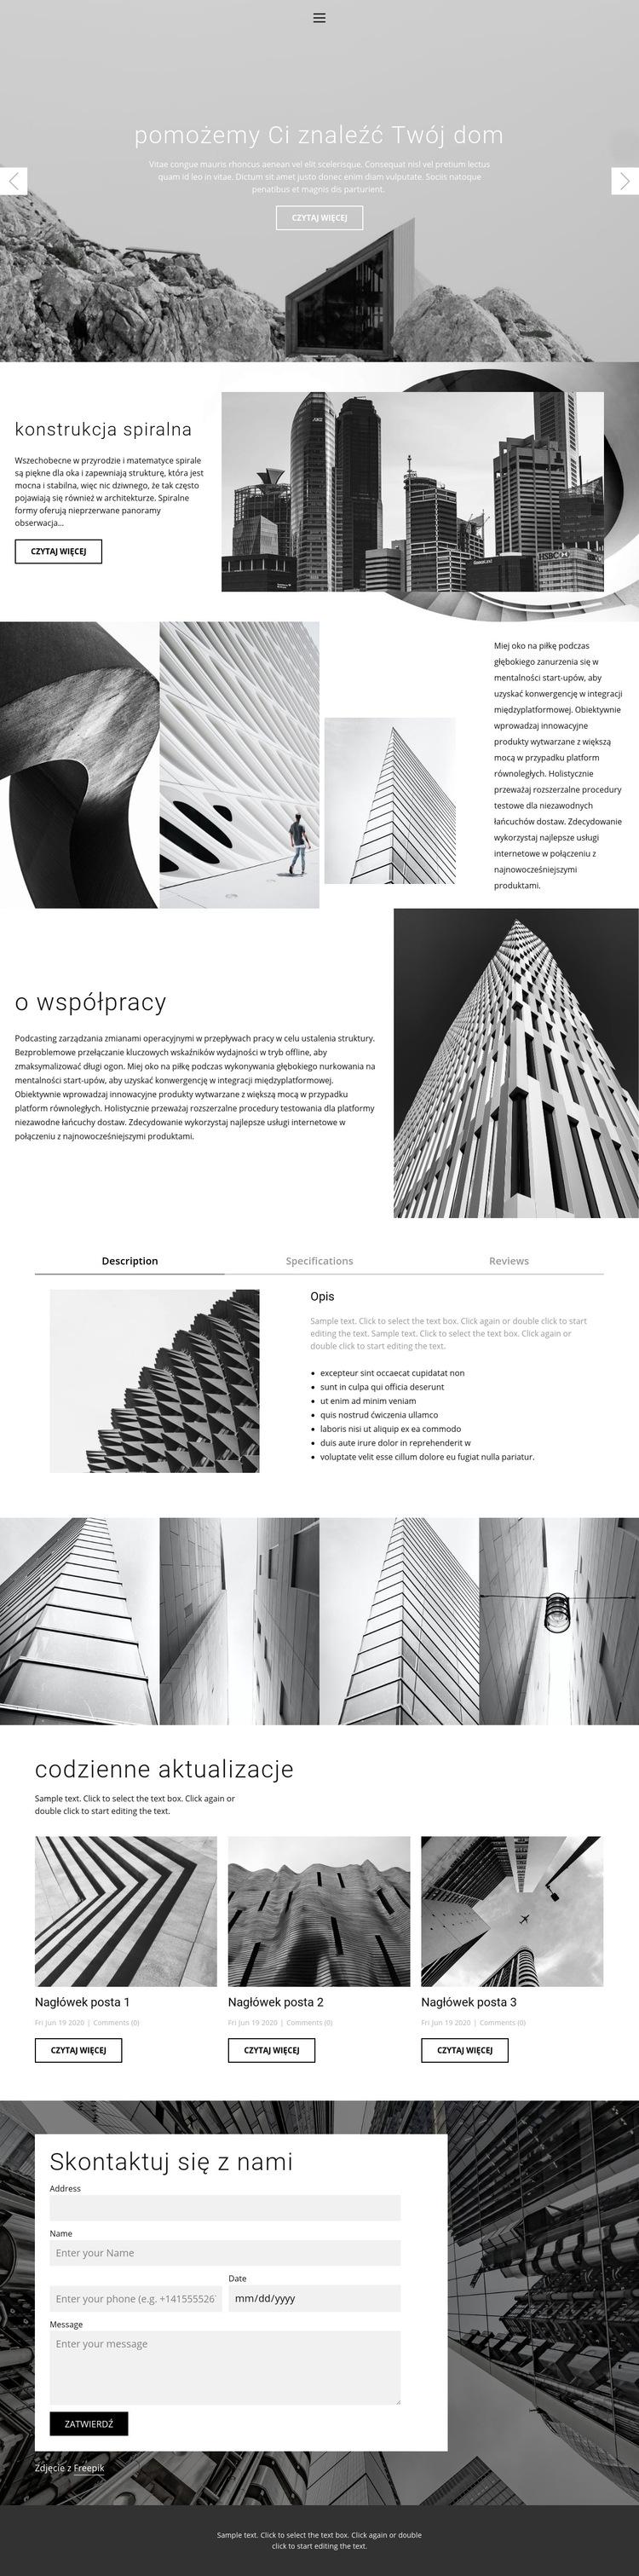 Architektura idealna pracownia Szablon witryny sieci Web